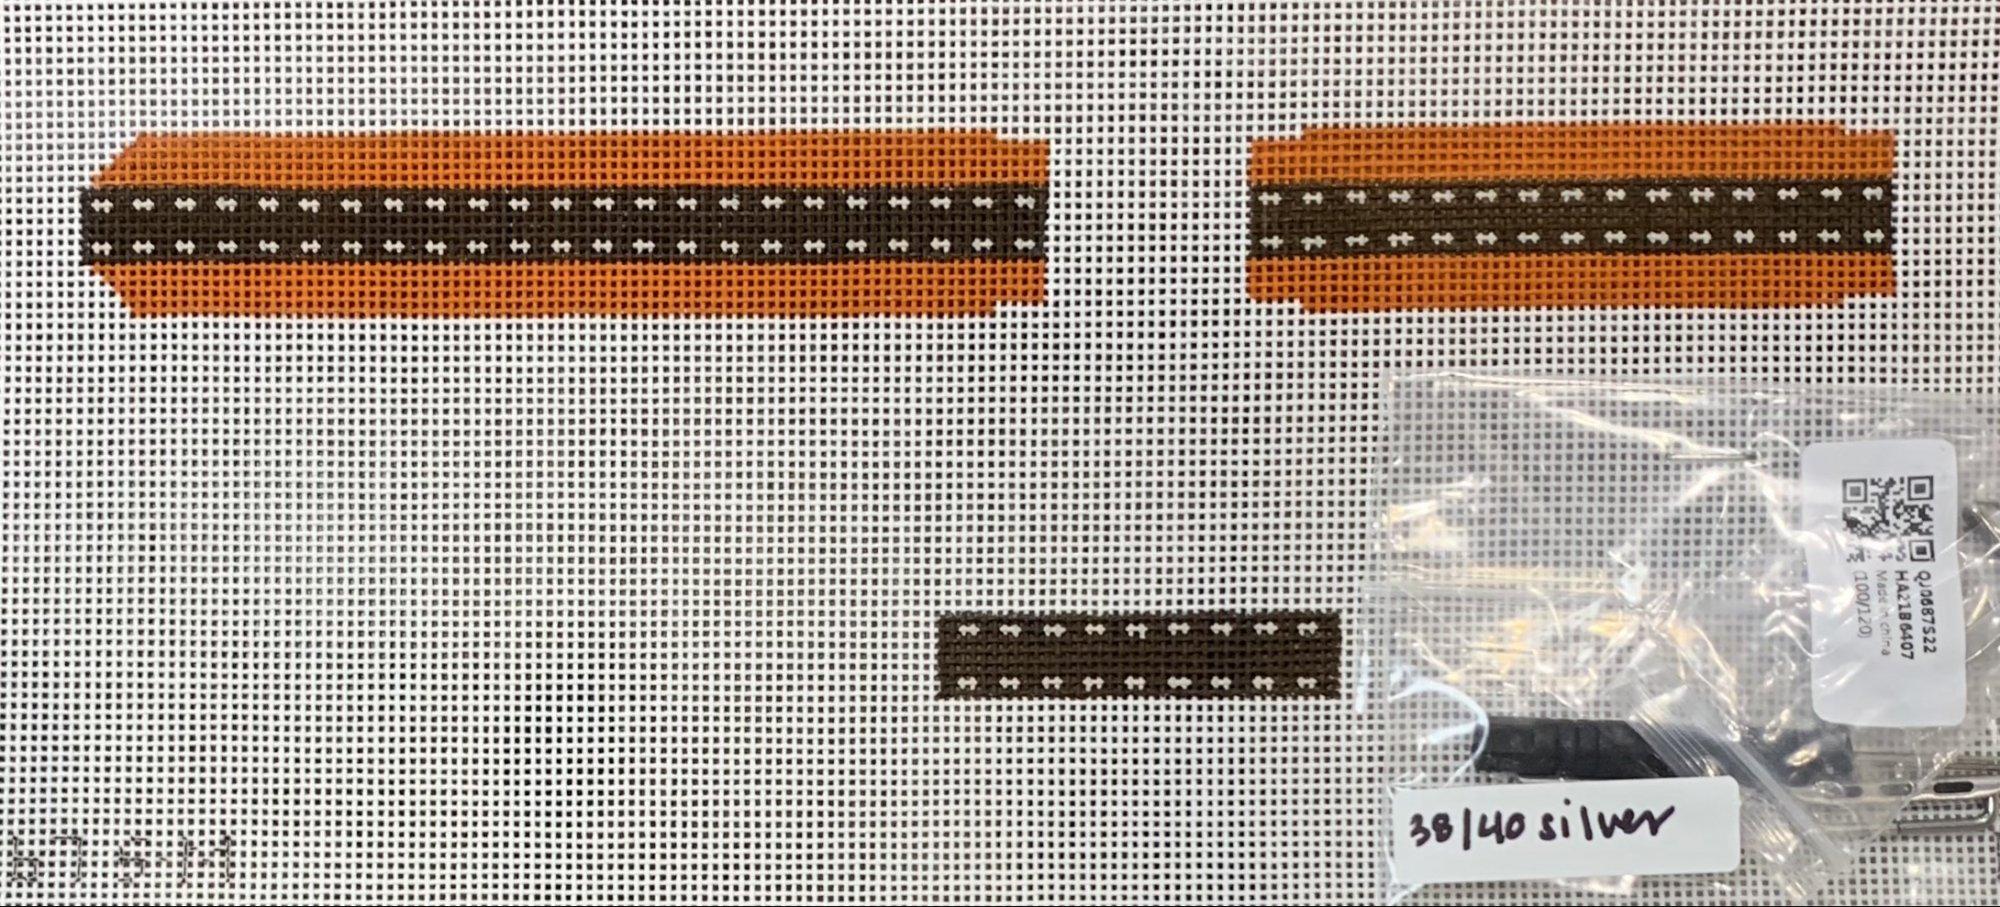 Apple Watch Band (Kit) - Brown Ribbon/Orange